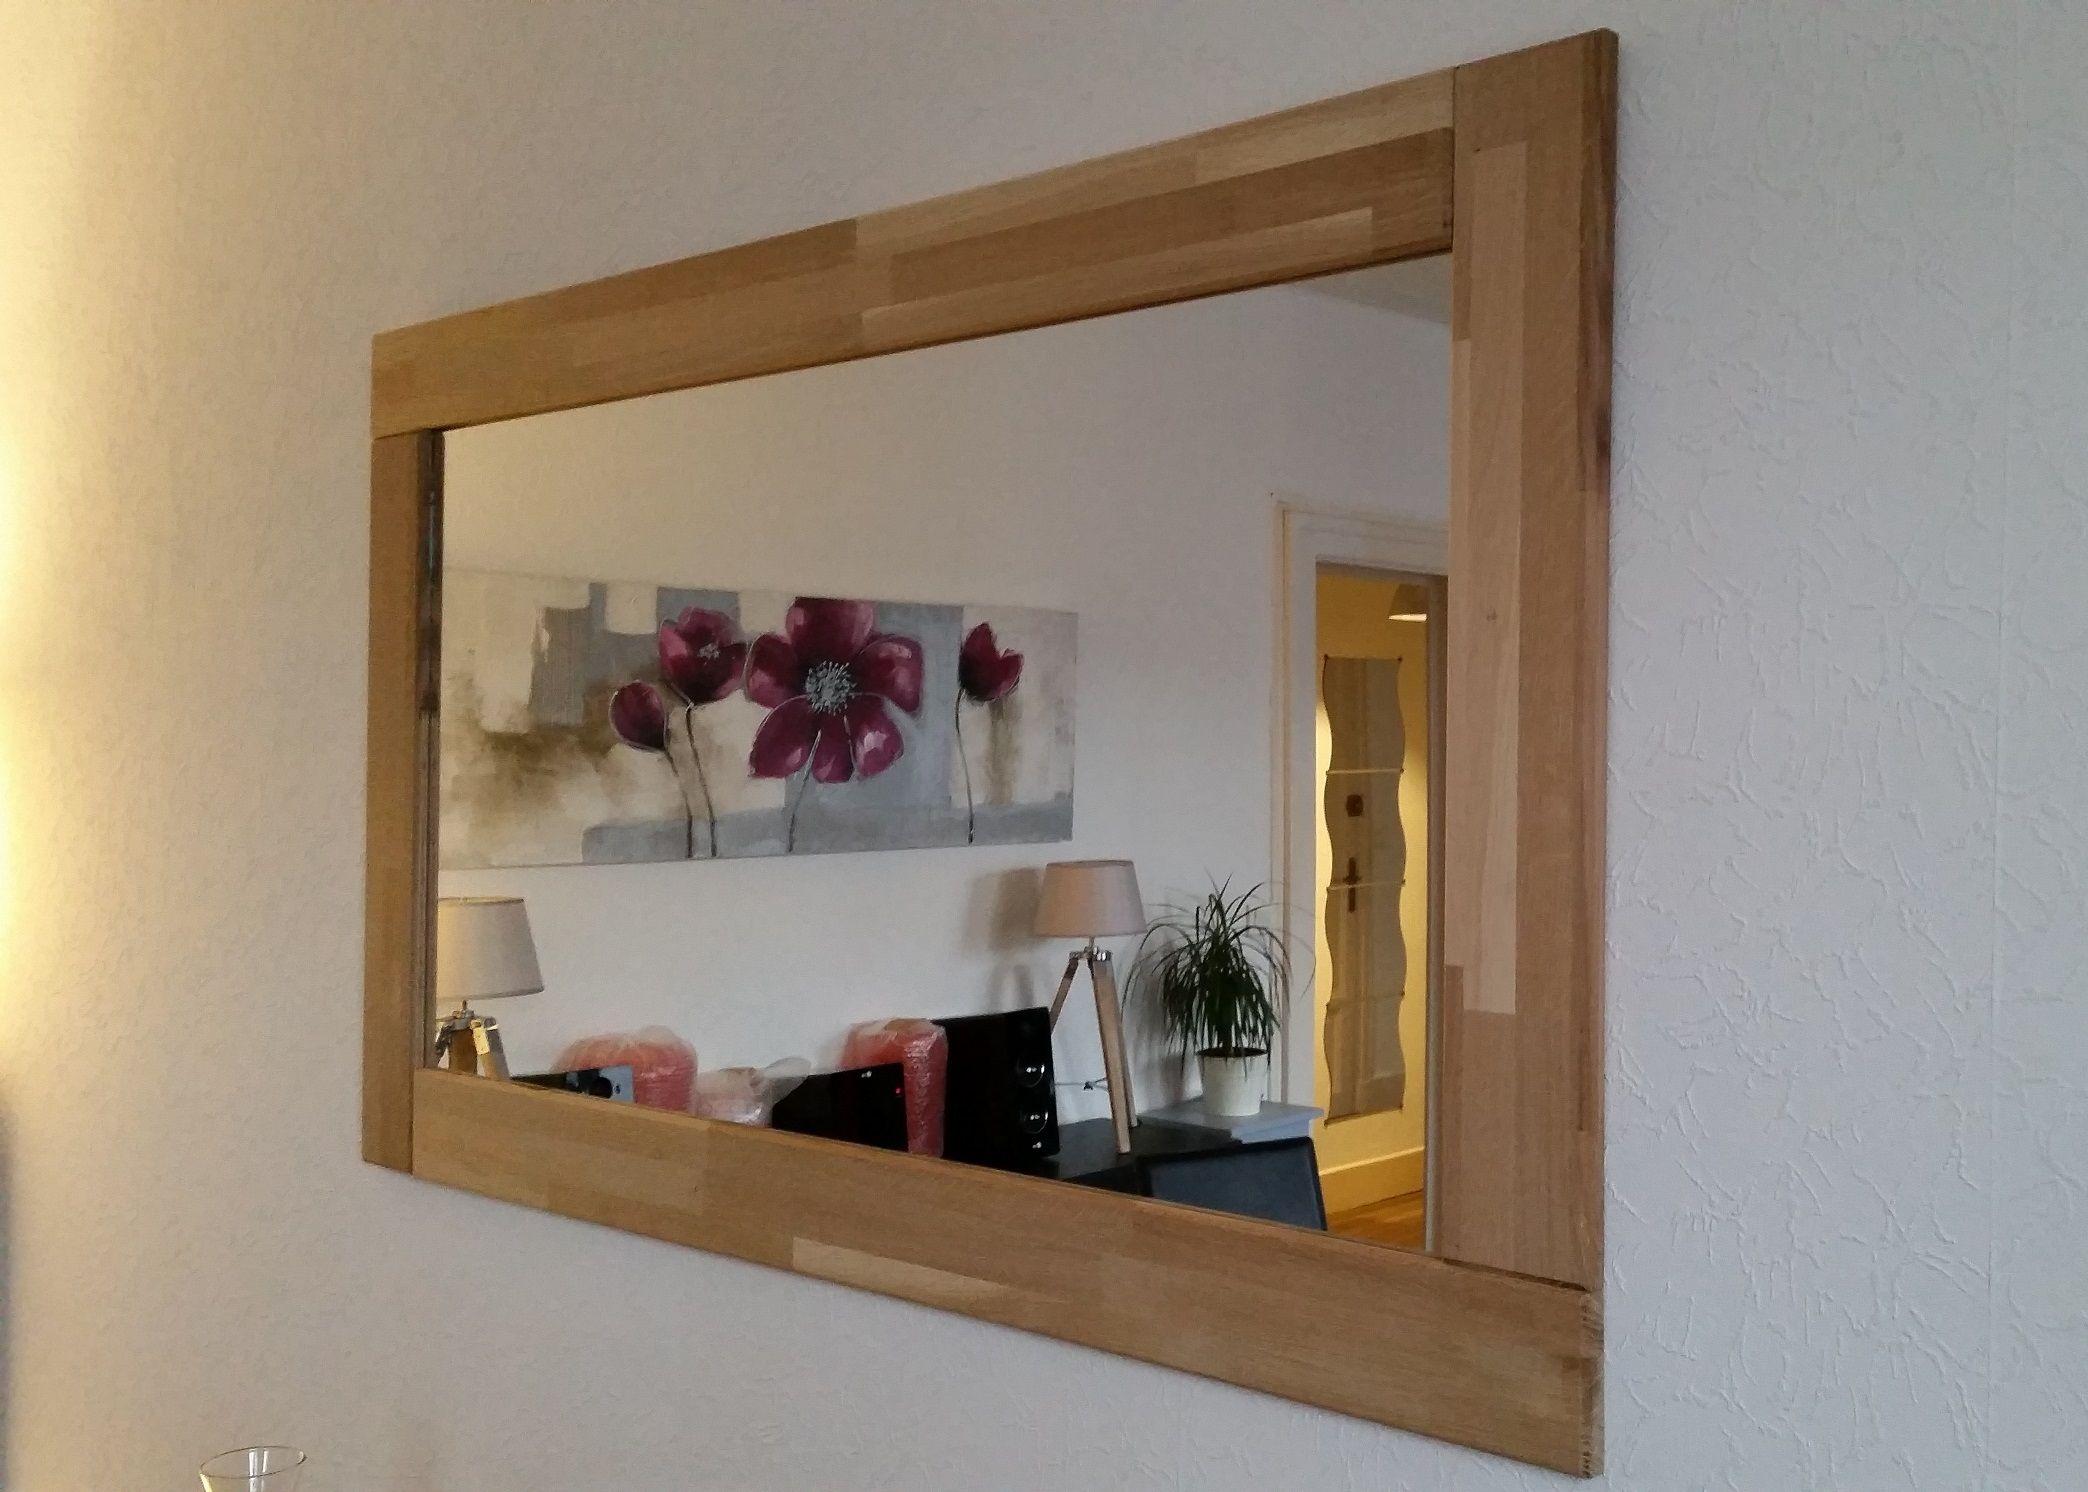 Fabrication D Un Cadre De Miroir En Ch Ne Projets Essayer  # Fabriquer Un Meuble En Mdf